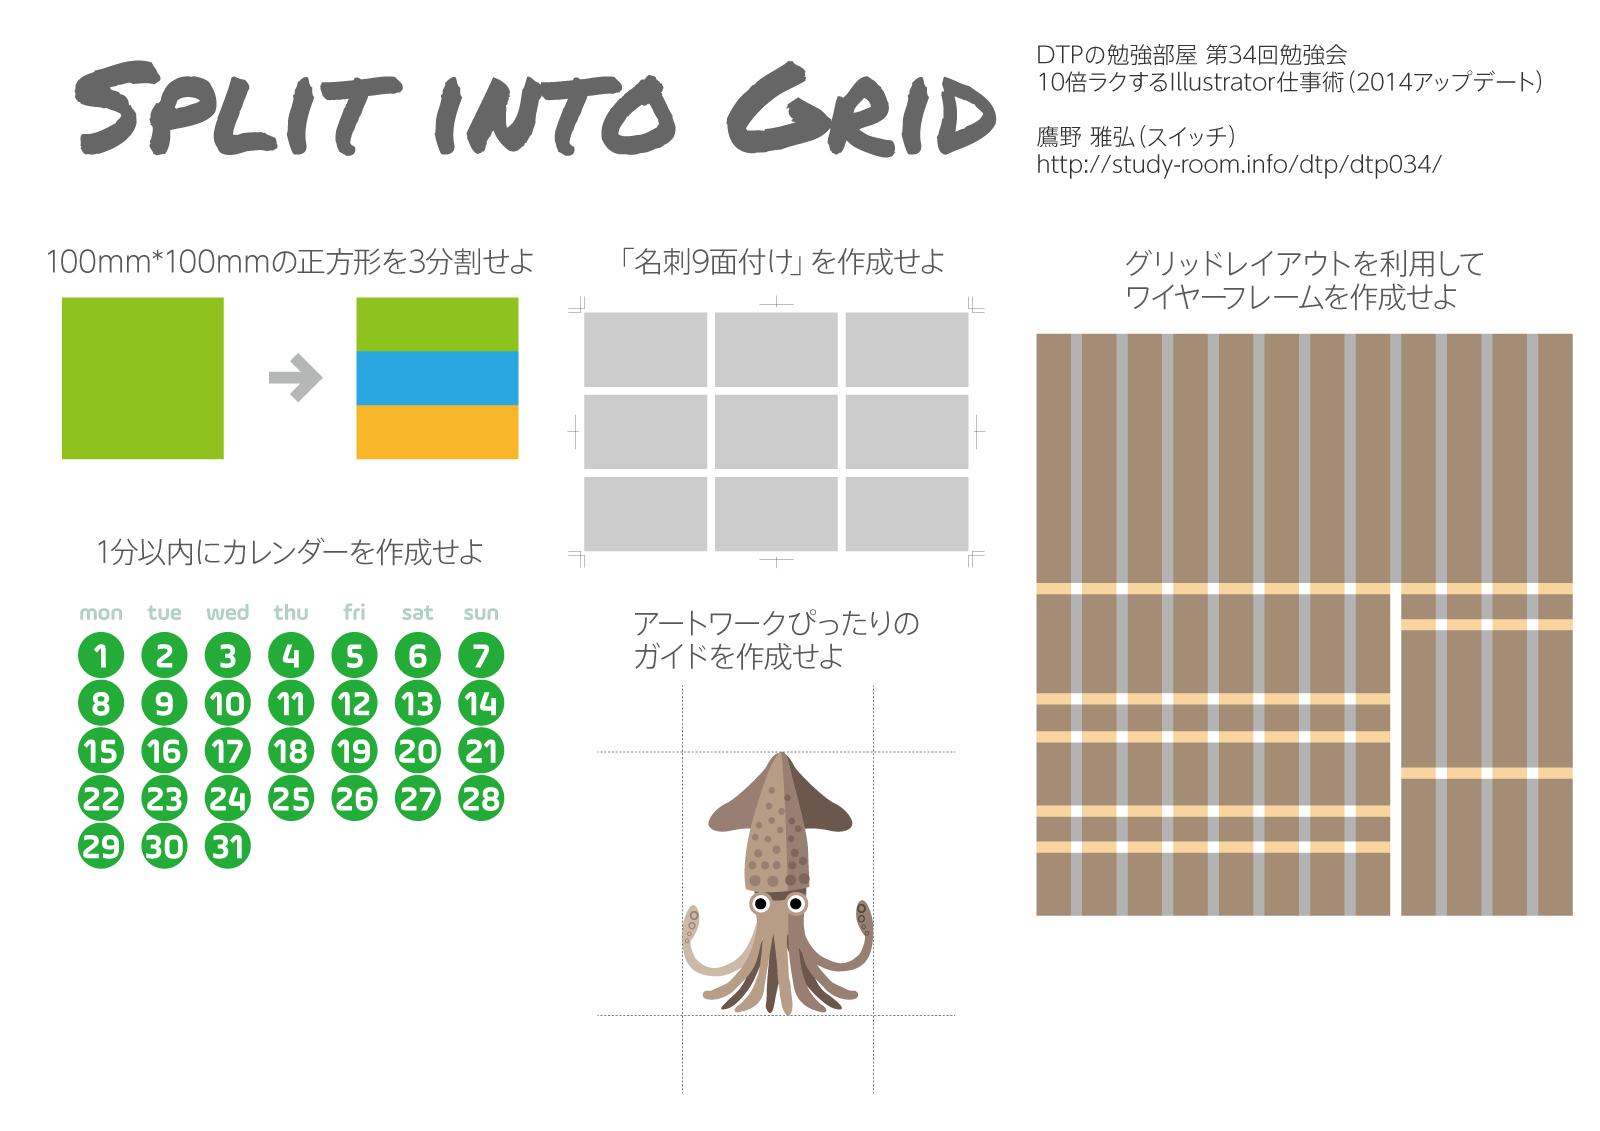 dtp-nagoya-split-into-grid.png